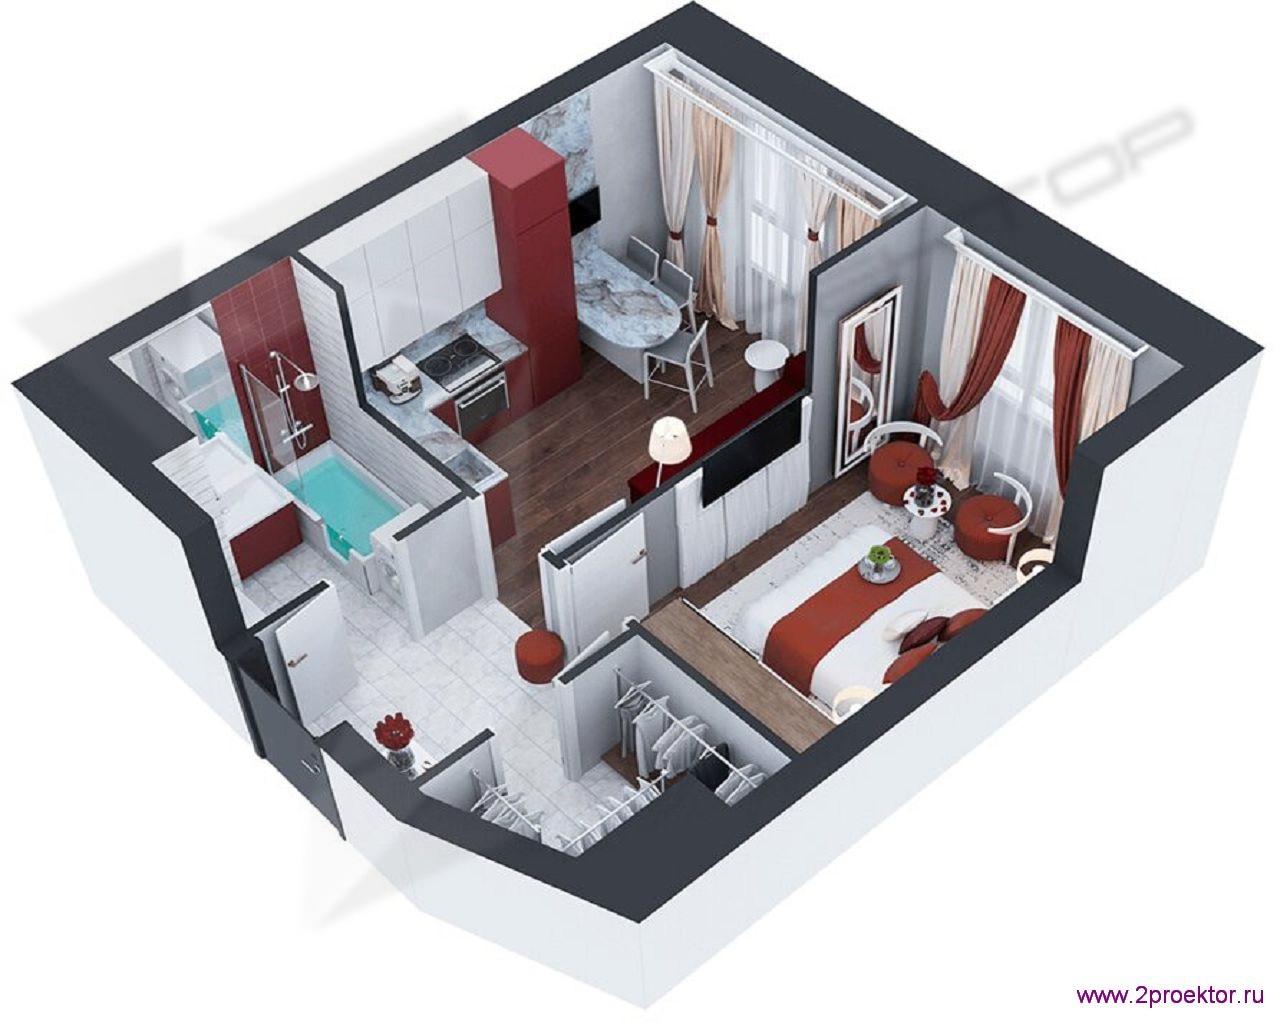 Типовой вариант планировки в современном стиле однокомнатной квартиры в Жилом комплексе Невский.